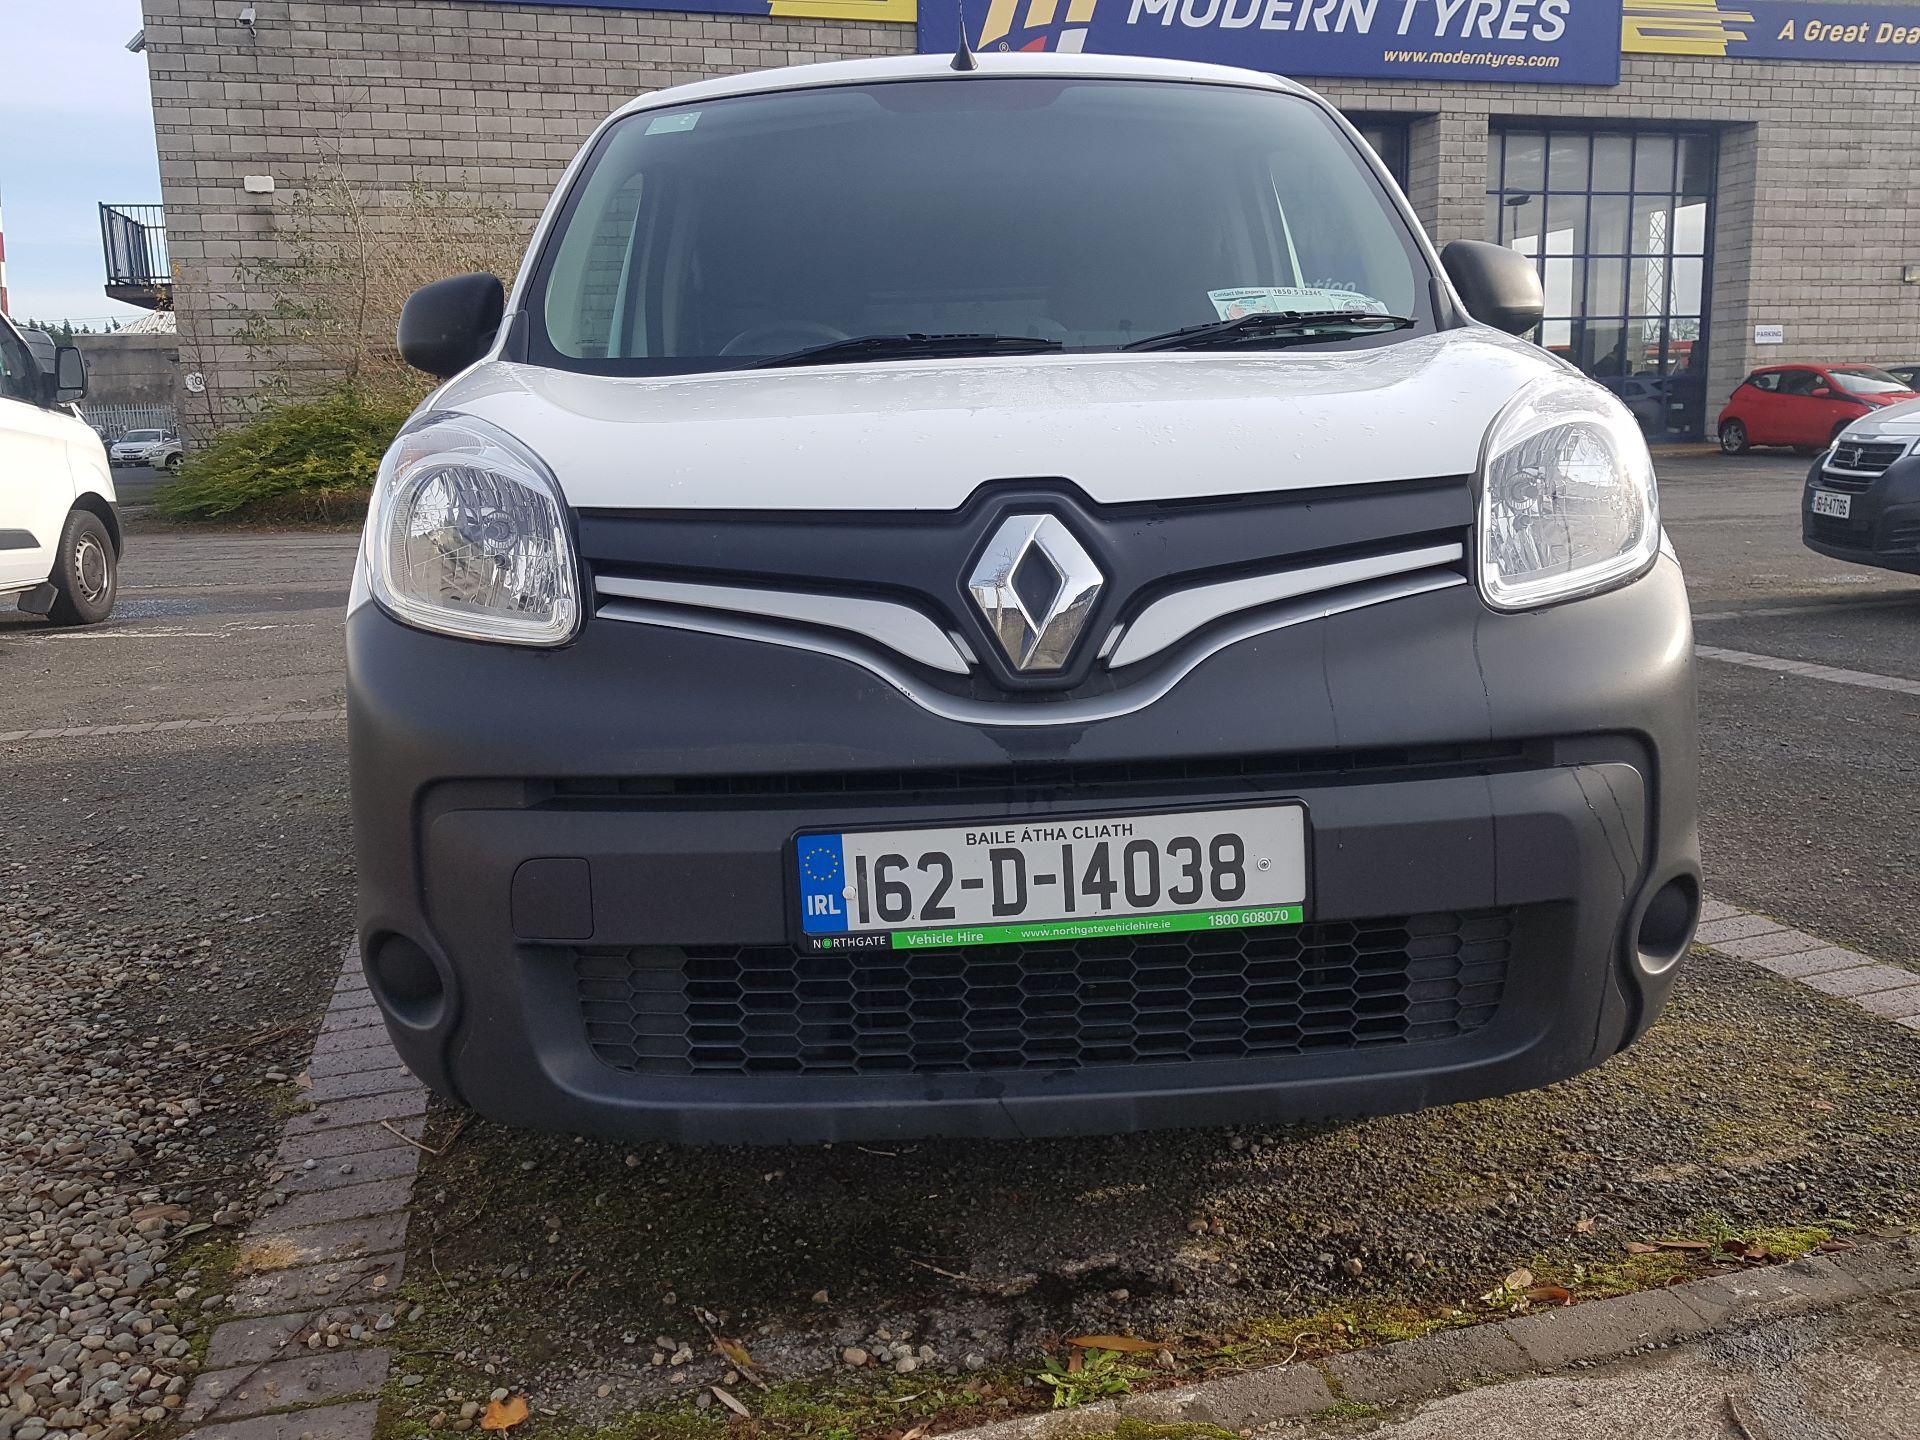 2016 Renault Kangoo 1.5 DCI 75 Business 2DR (162D14038)